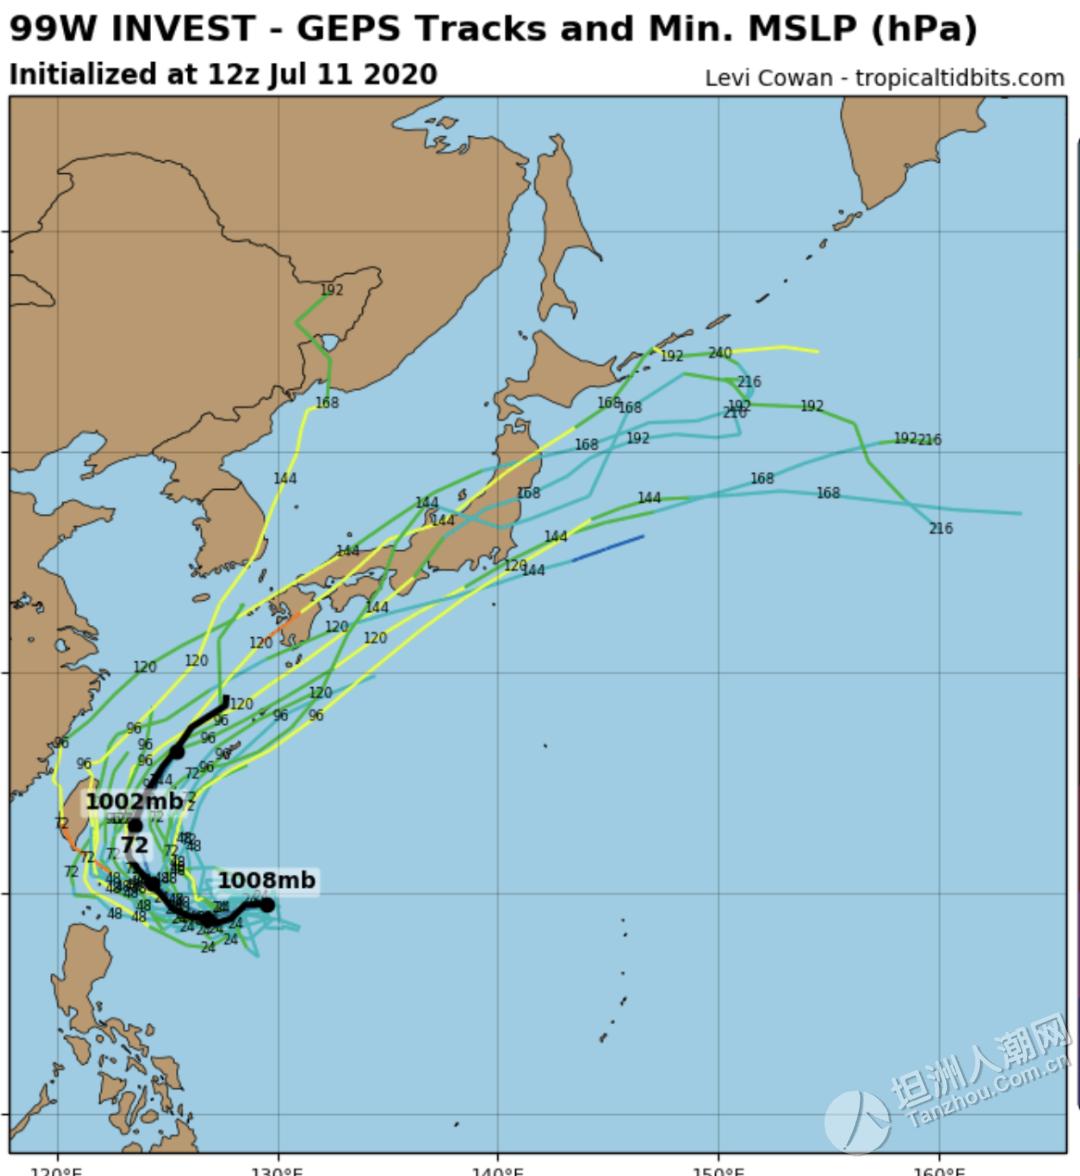 坦洲录得37.6℃!中山高温预警已超20天!新热带扰动出现,又有台风?